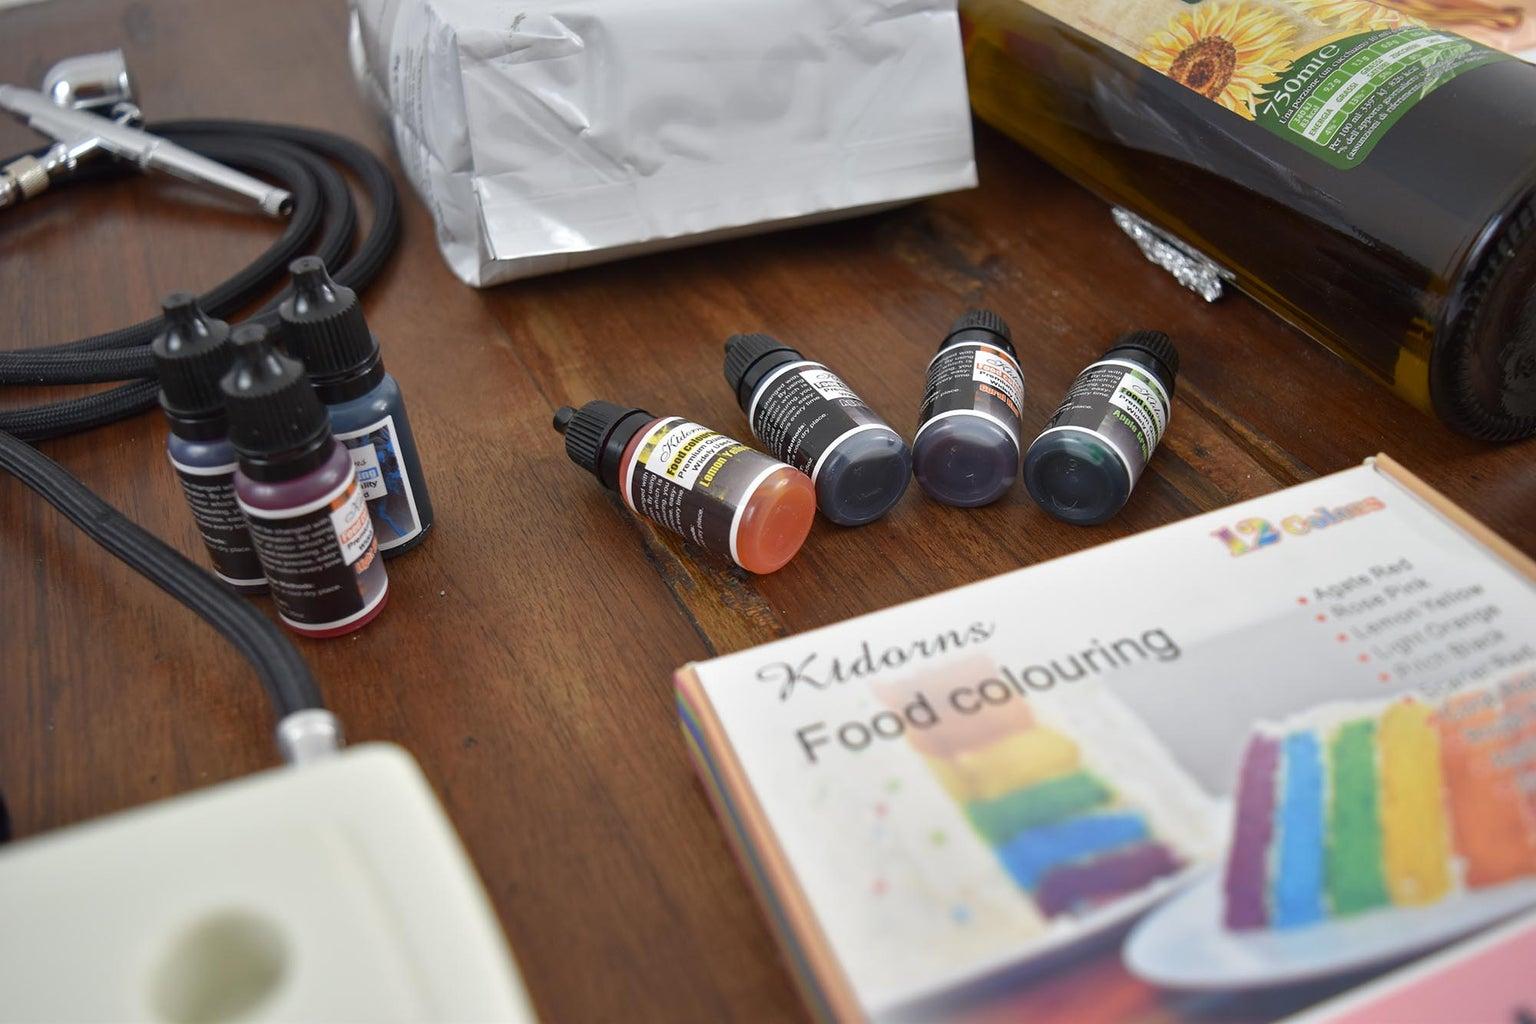 Ingredients - Tools